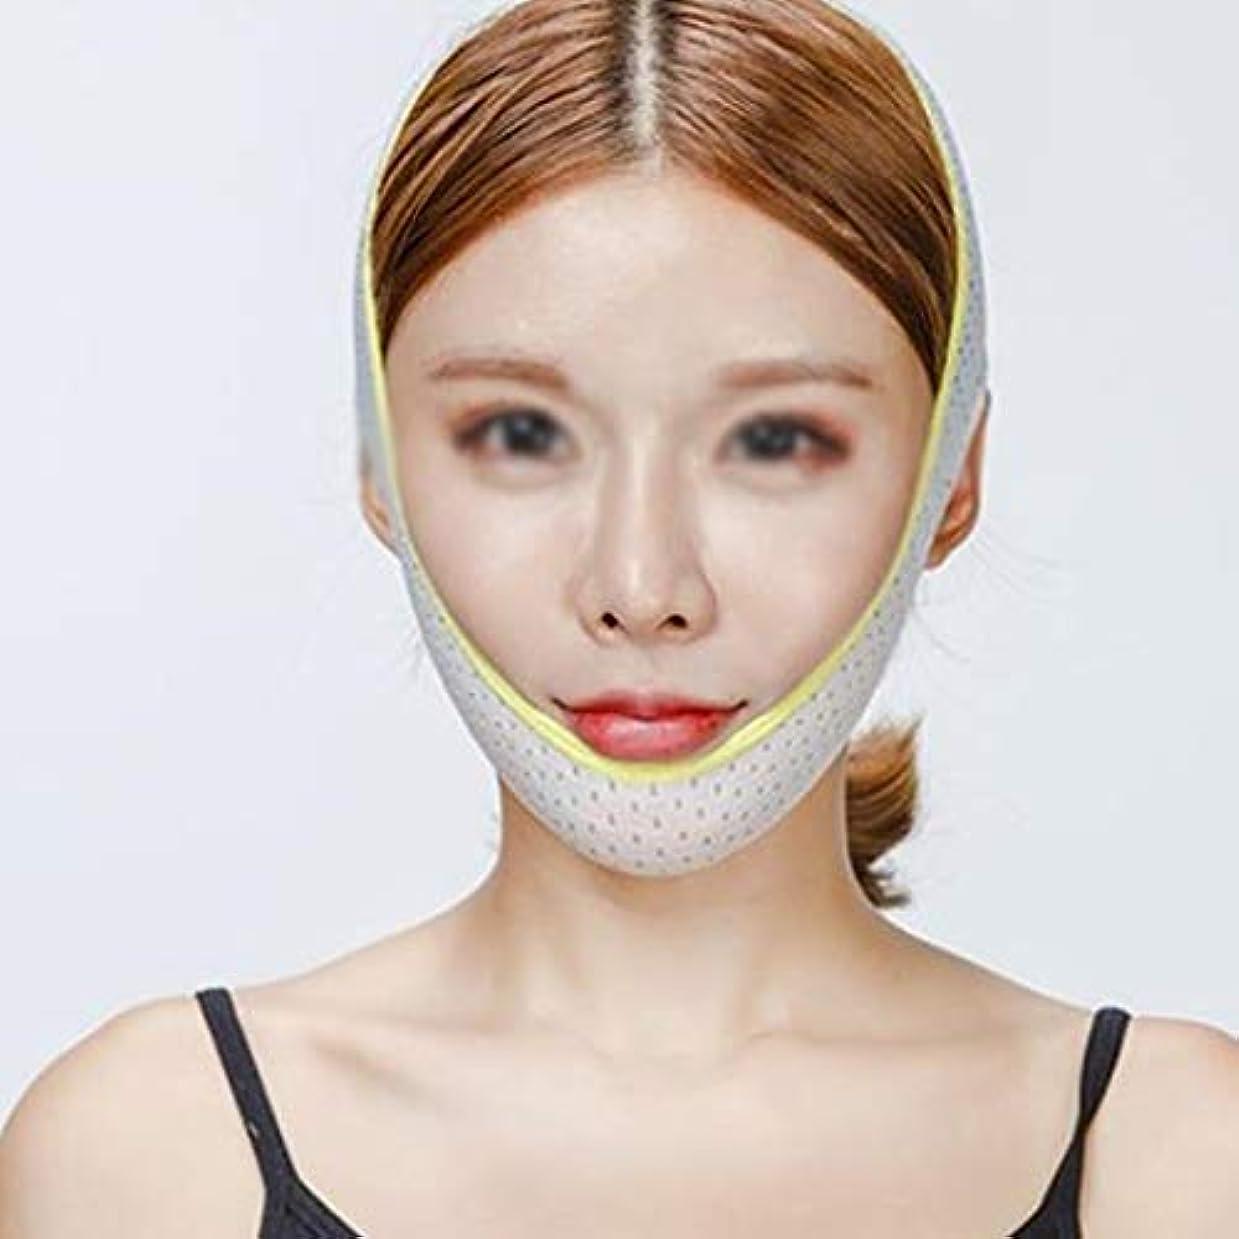 月曜オゾン例ZWBD フェイスマスク, Vフェイスアーティファクトフェイスリフトステッカー本物のフェイスリフト韓国フェイスフェイシャルリフティングファーミングインストゥルメントフェイシャルリフティング睡眠包帯